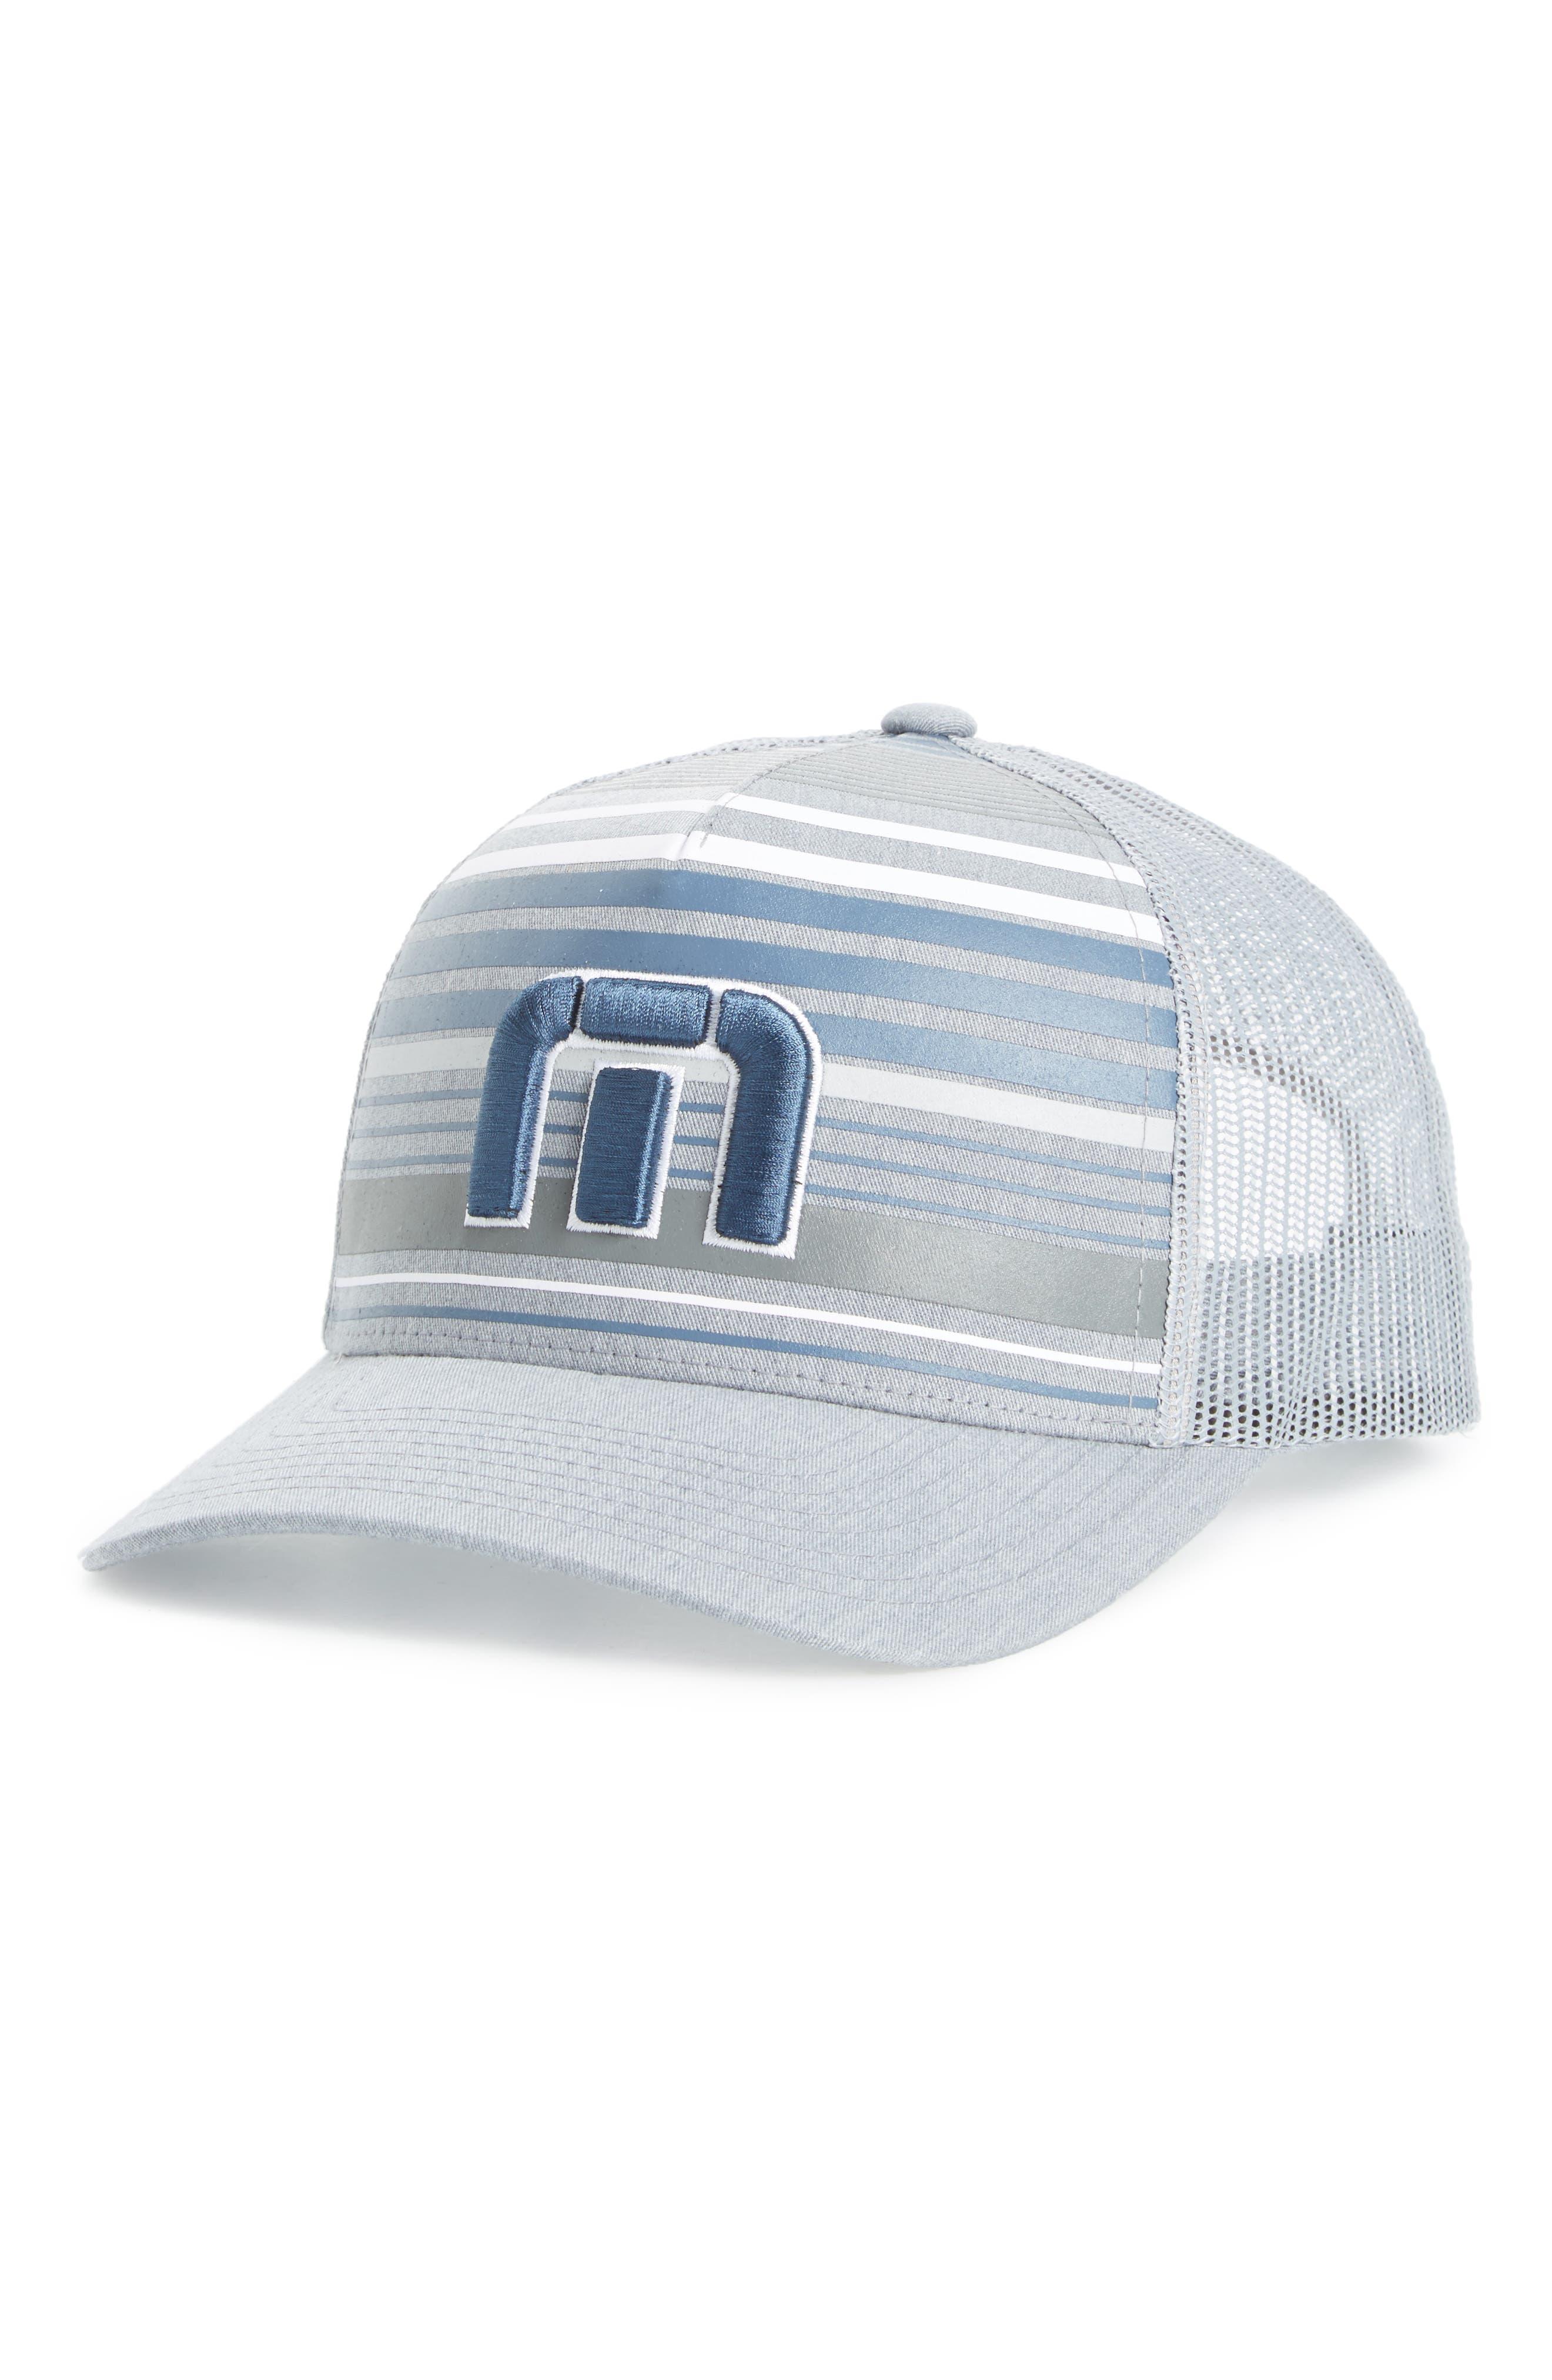 Kubiak Snapback Trucker Hat,                         Main,                         color, Heather Quiet Shade